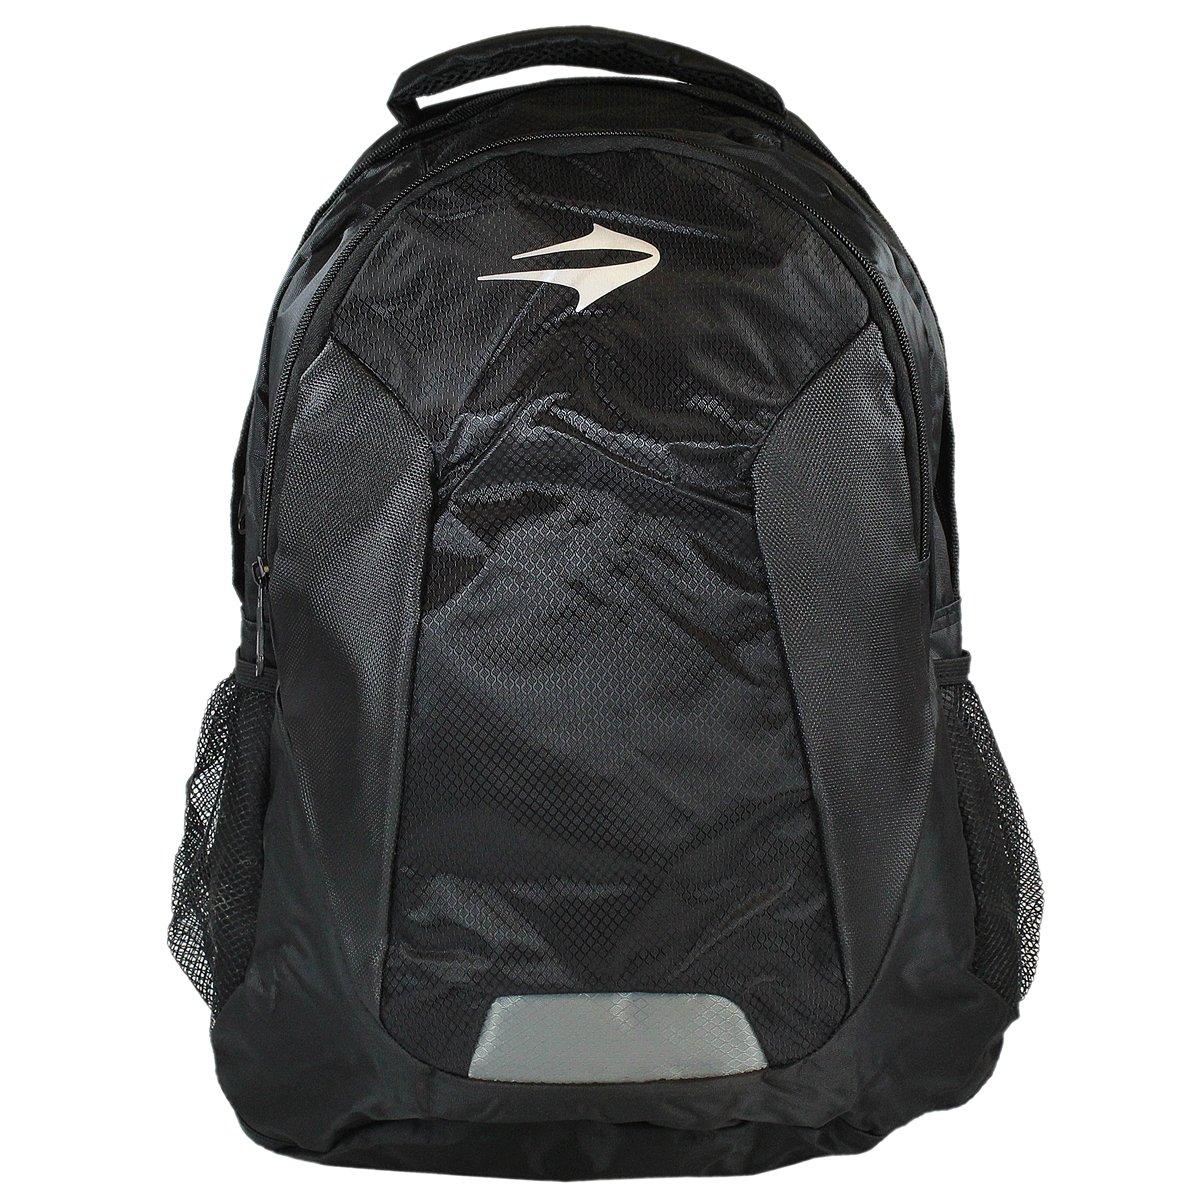 b6cfa8084 MOCHILA TOPPER SPEED 5 - Preto - Compre Agora | Radan Esportes